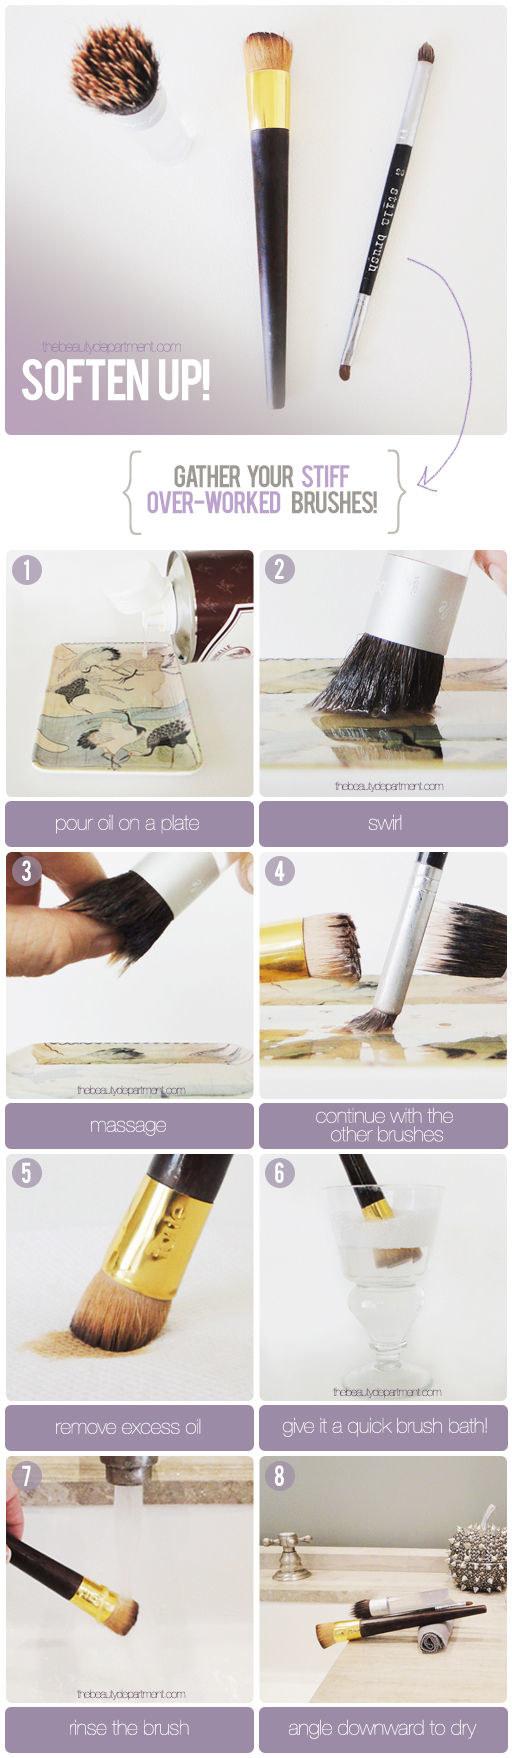 20個「能讓你的化妝品壽命長2倍」的終極化妝品使用方法!(內附妳真正需要的保養品用量,大部分人都用錯了!)